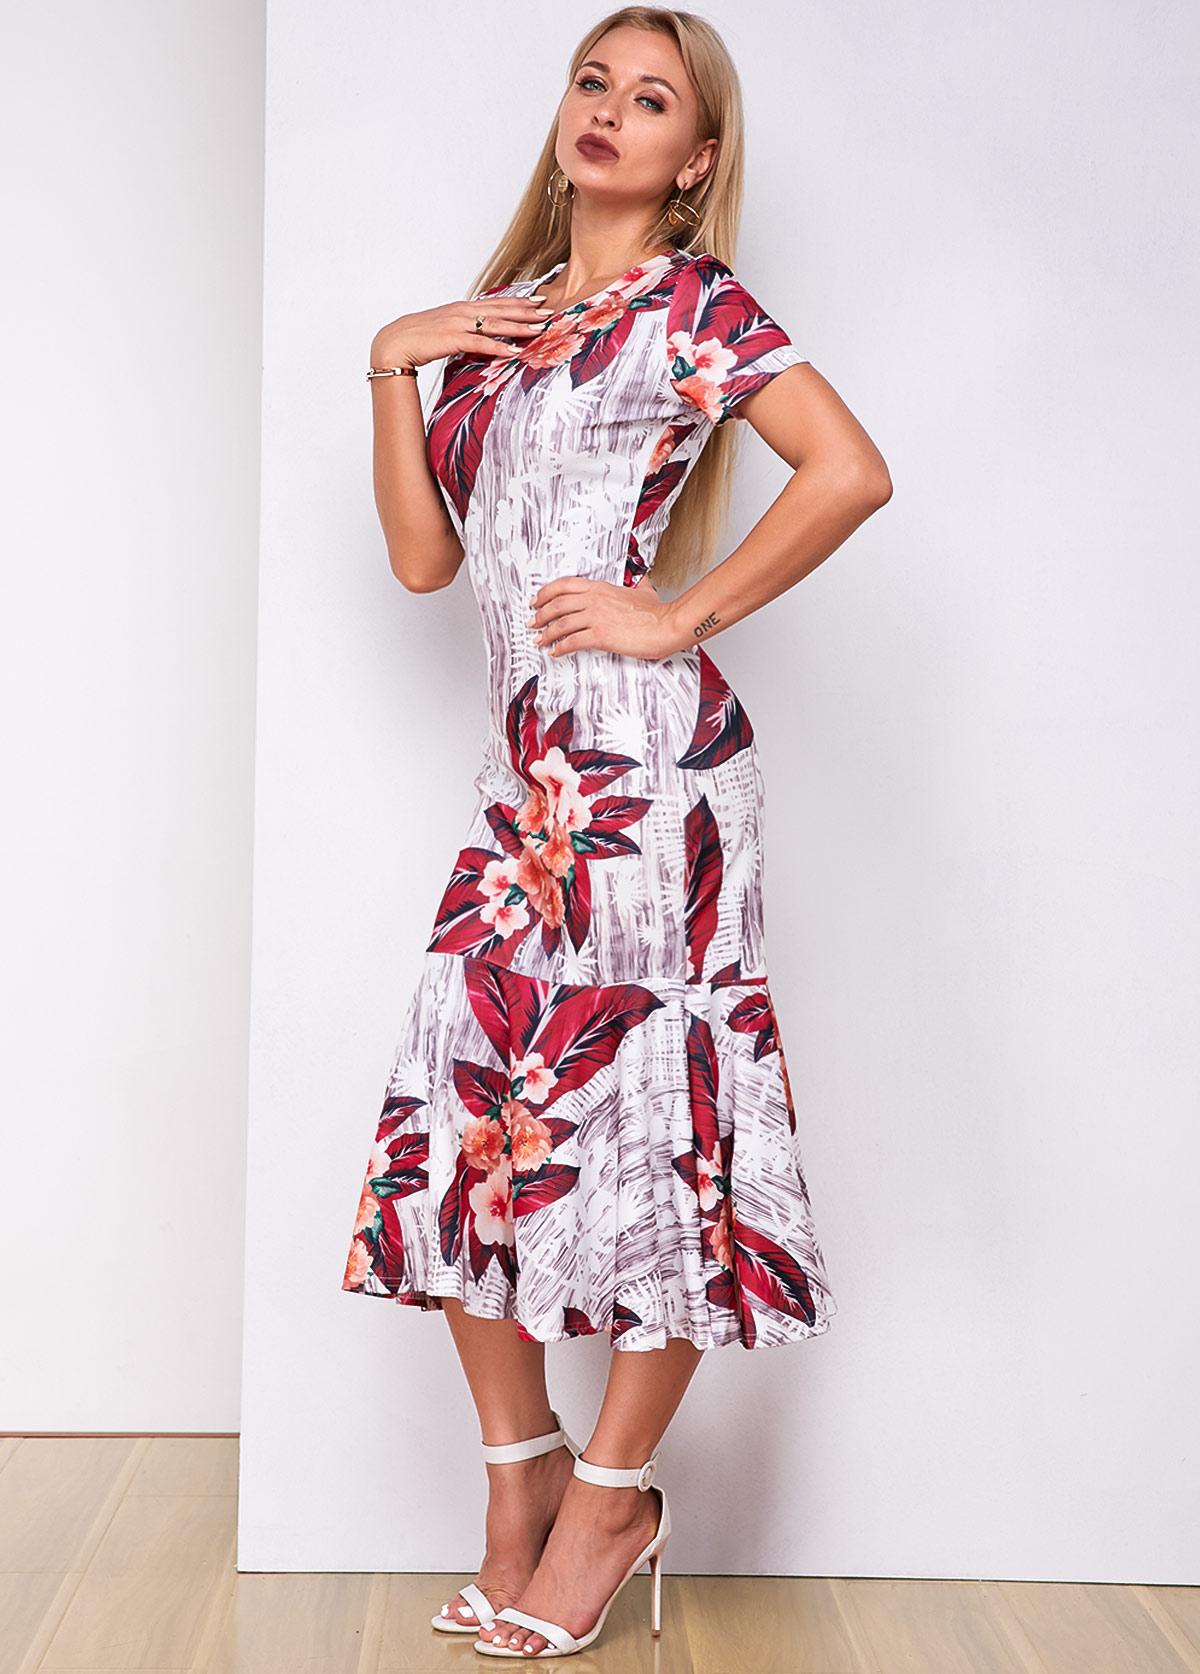 Floral Print Short Sleeve Mermaid Dress